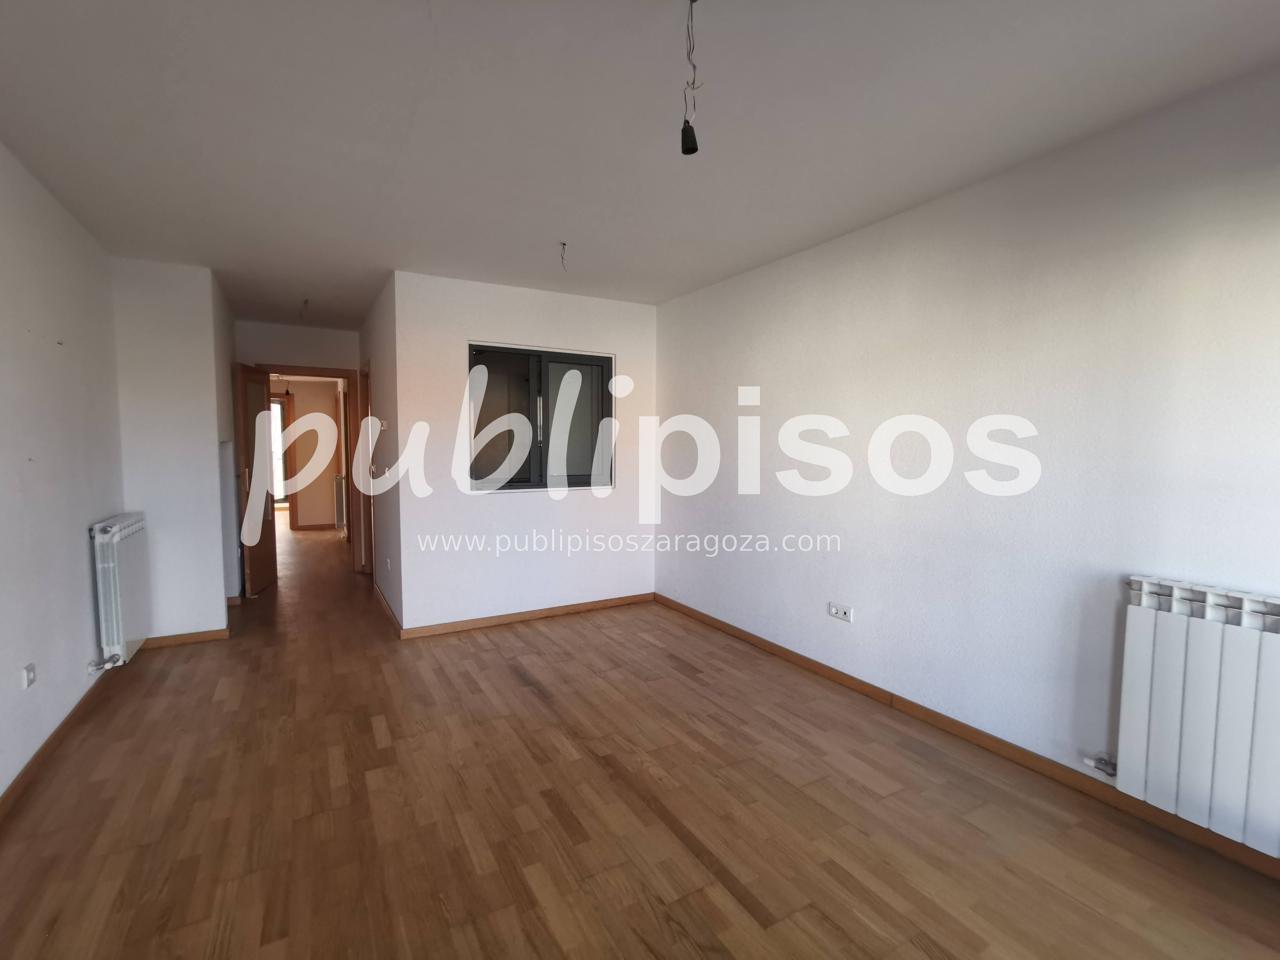 Piso económico con garaje La Puebla de Alfinden-30